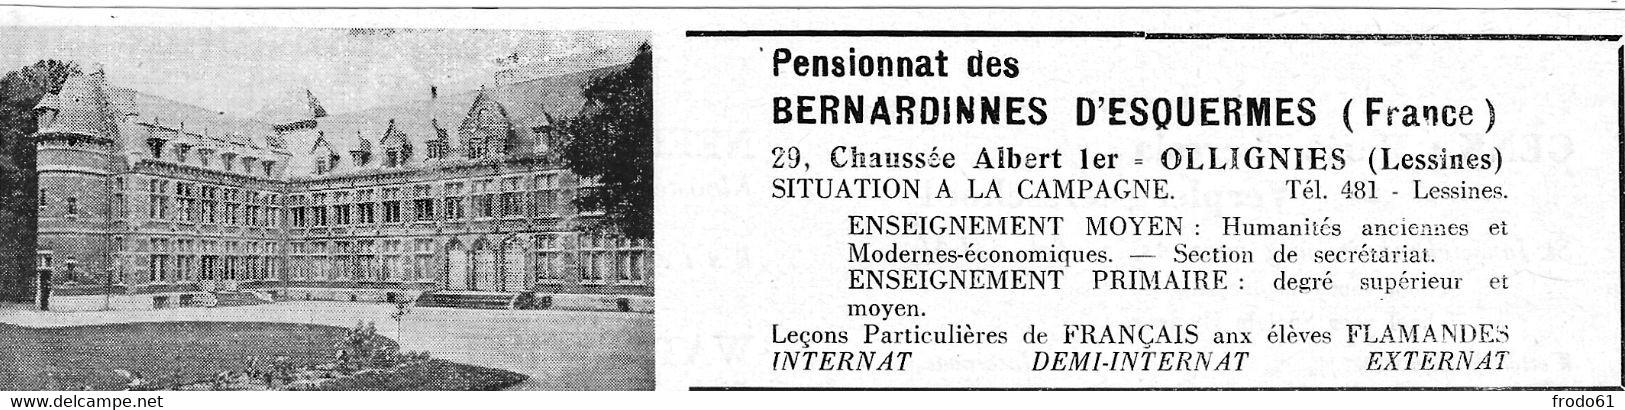 1956, KNIPSEL, COUPE DU REPERTOIRE BELGE, OLLIGNIES, PENSIONNAT DES BERNARDINES D'ESQUERMES - Lessines